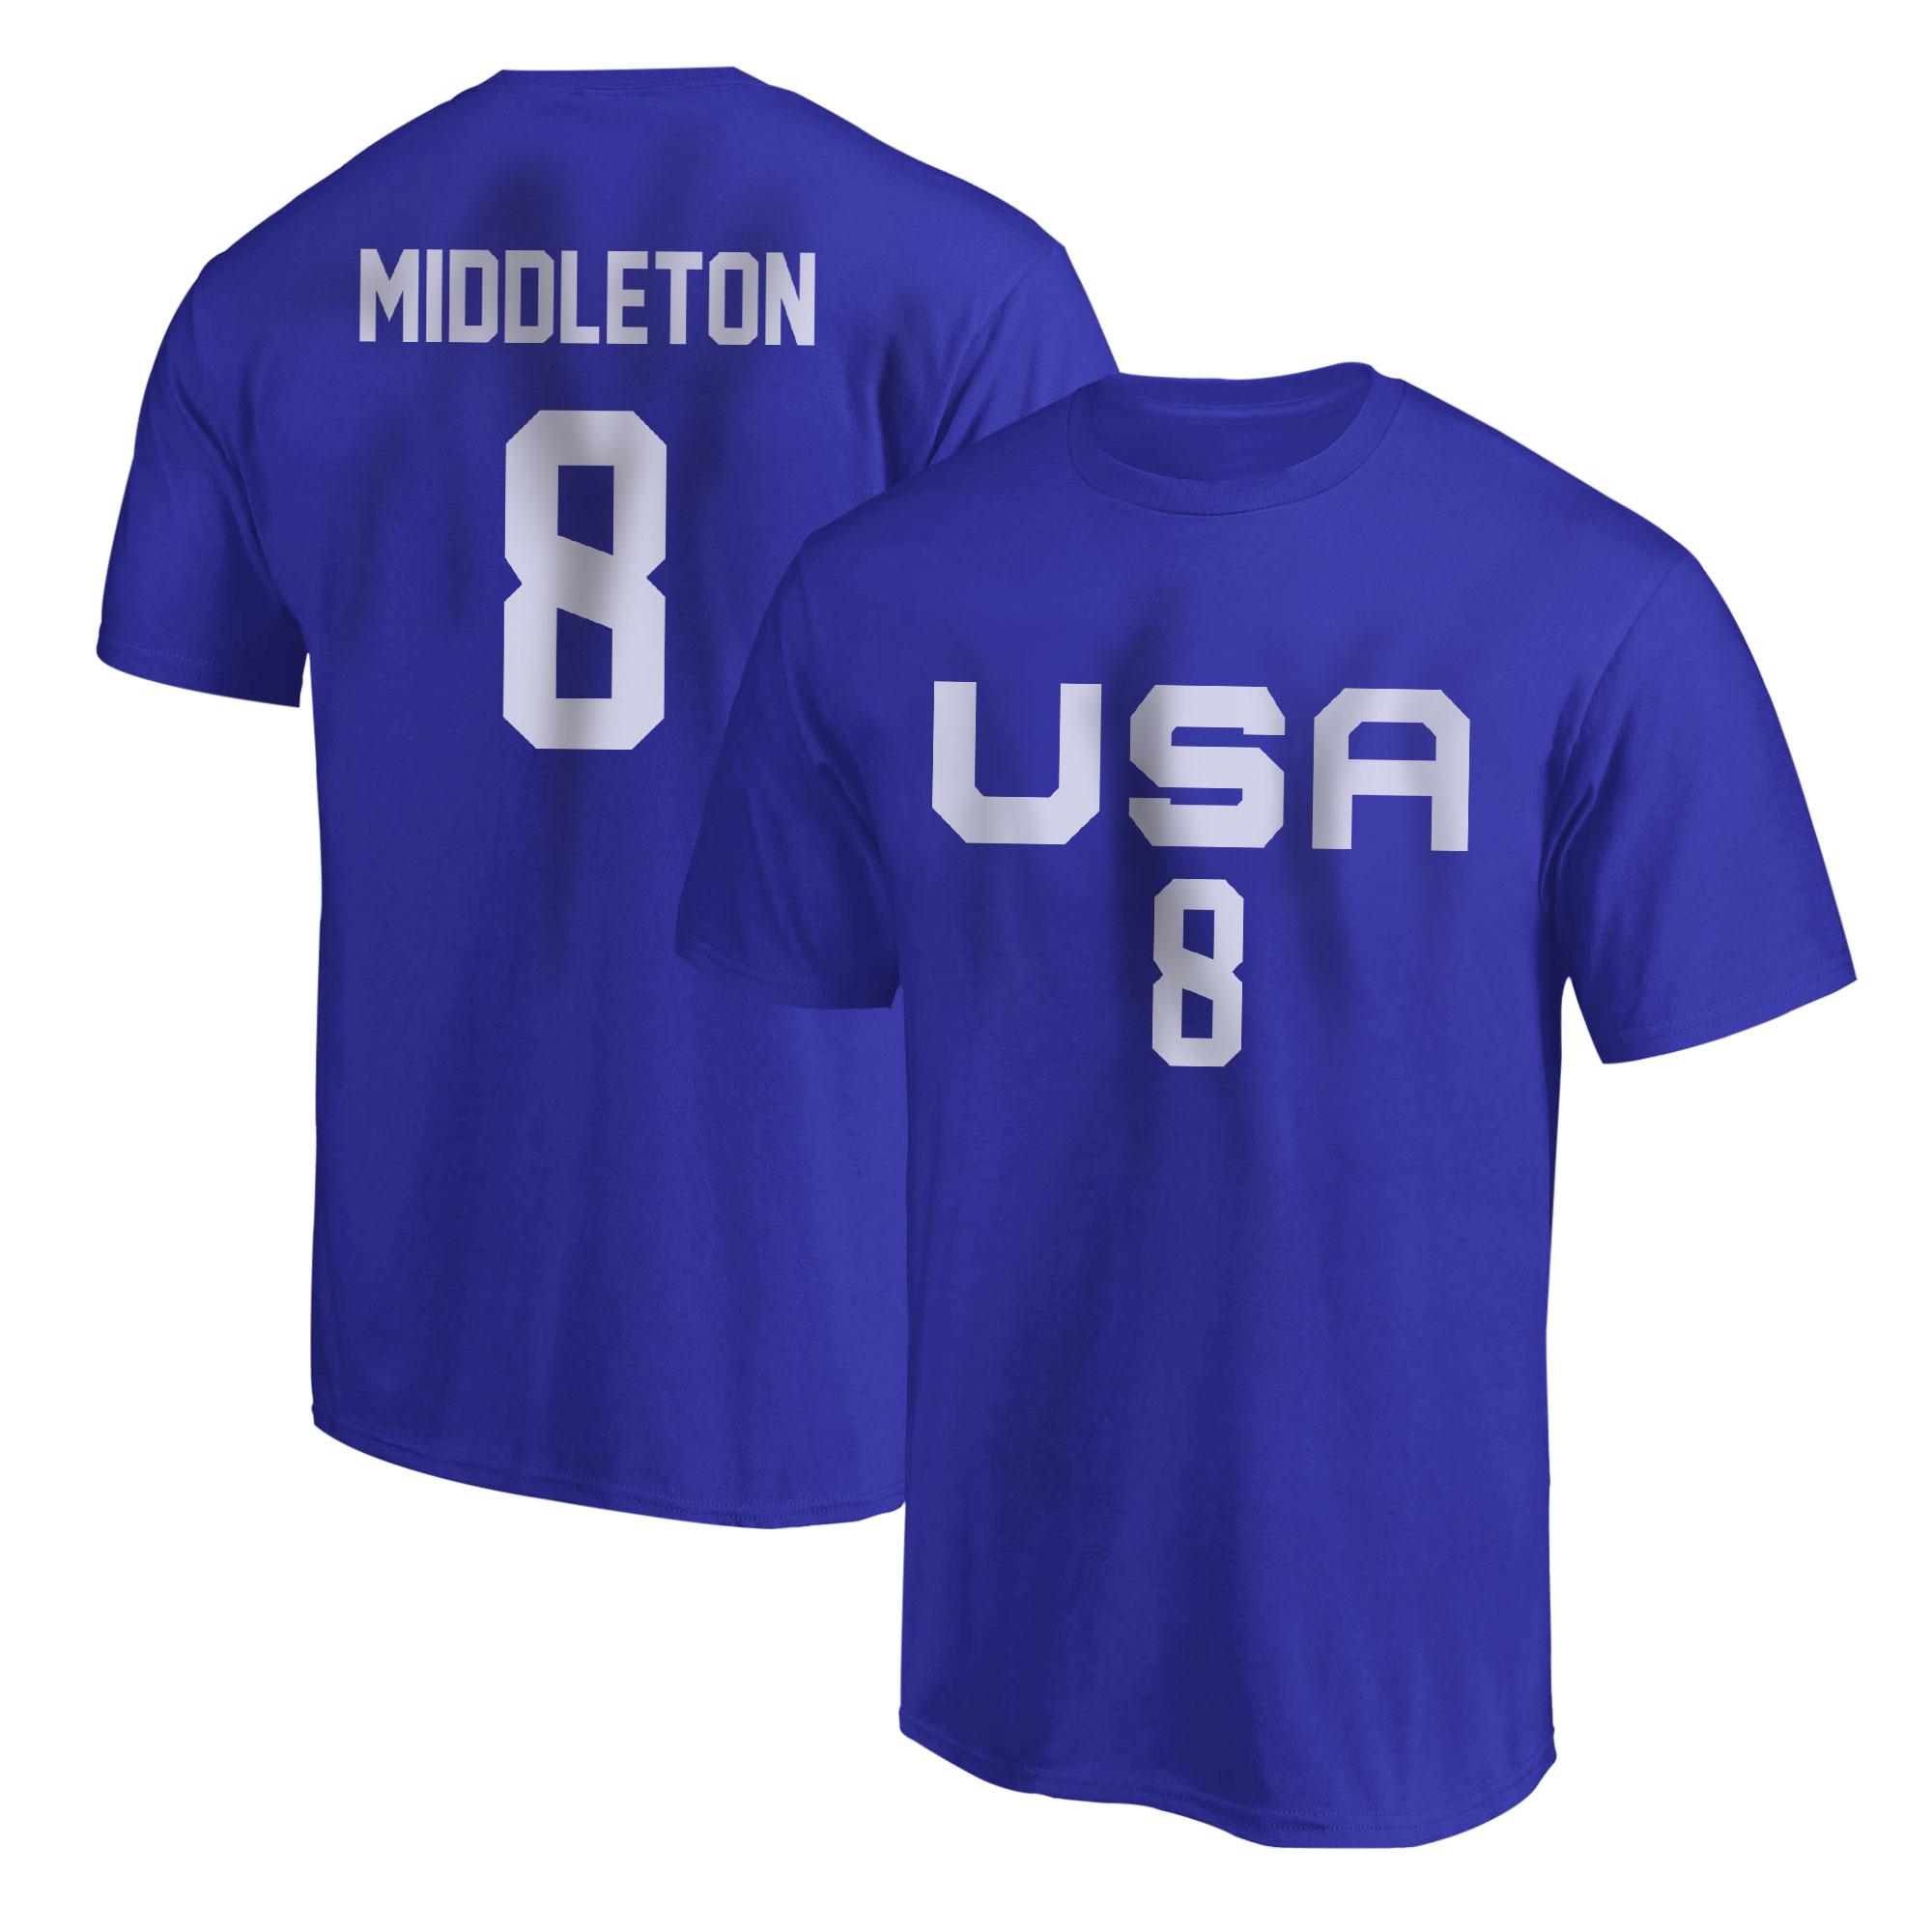 Olympic Team Khris Middleton Tshirt (TSH-BLU-NP-532-8)